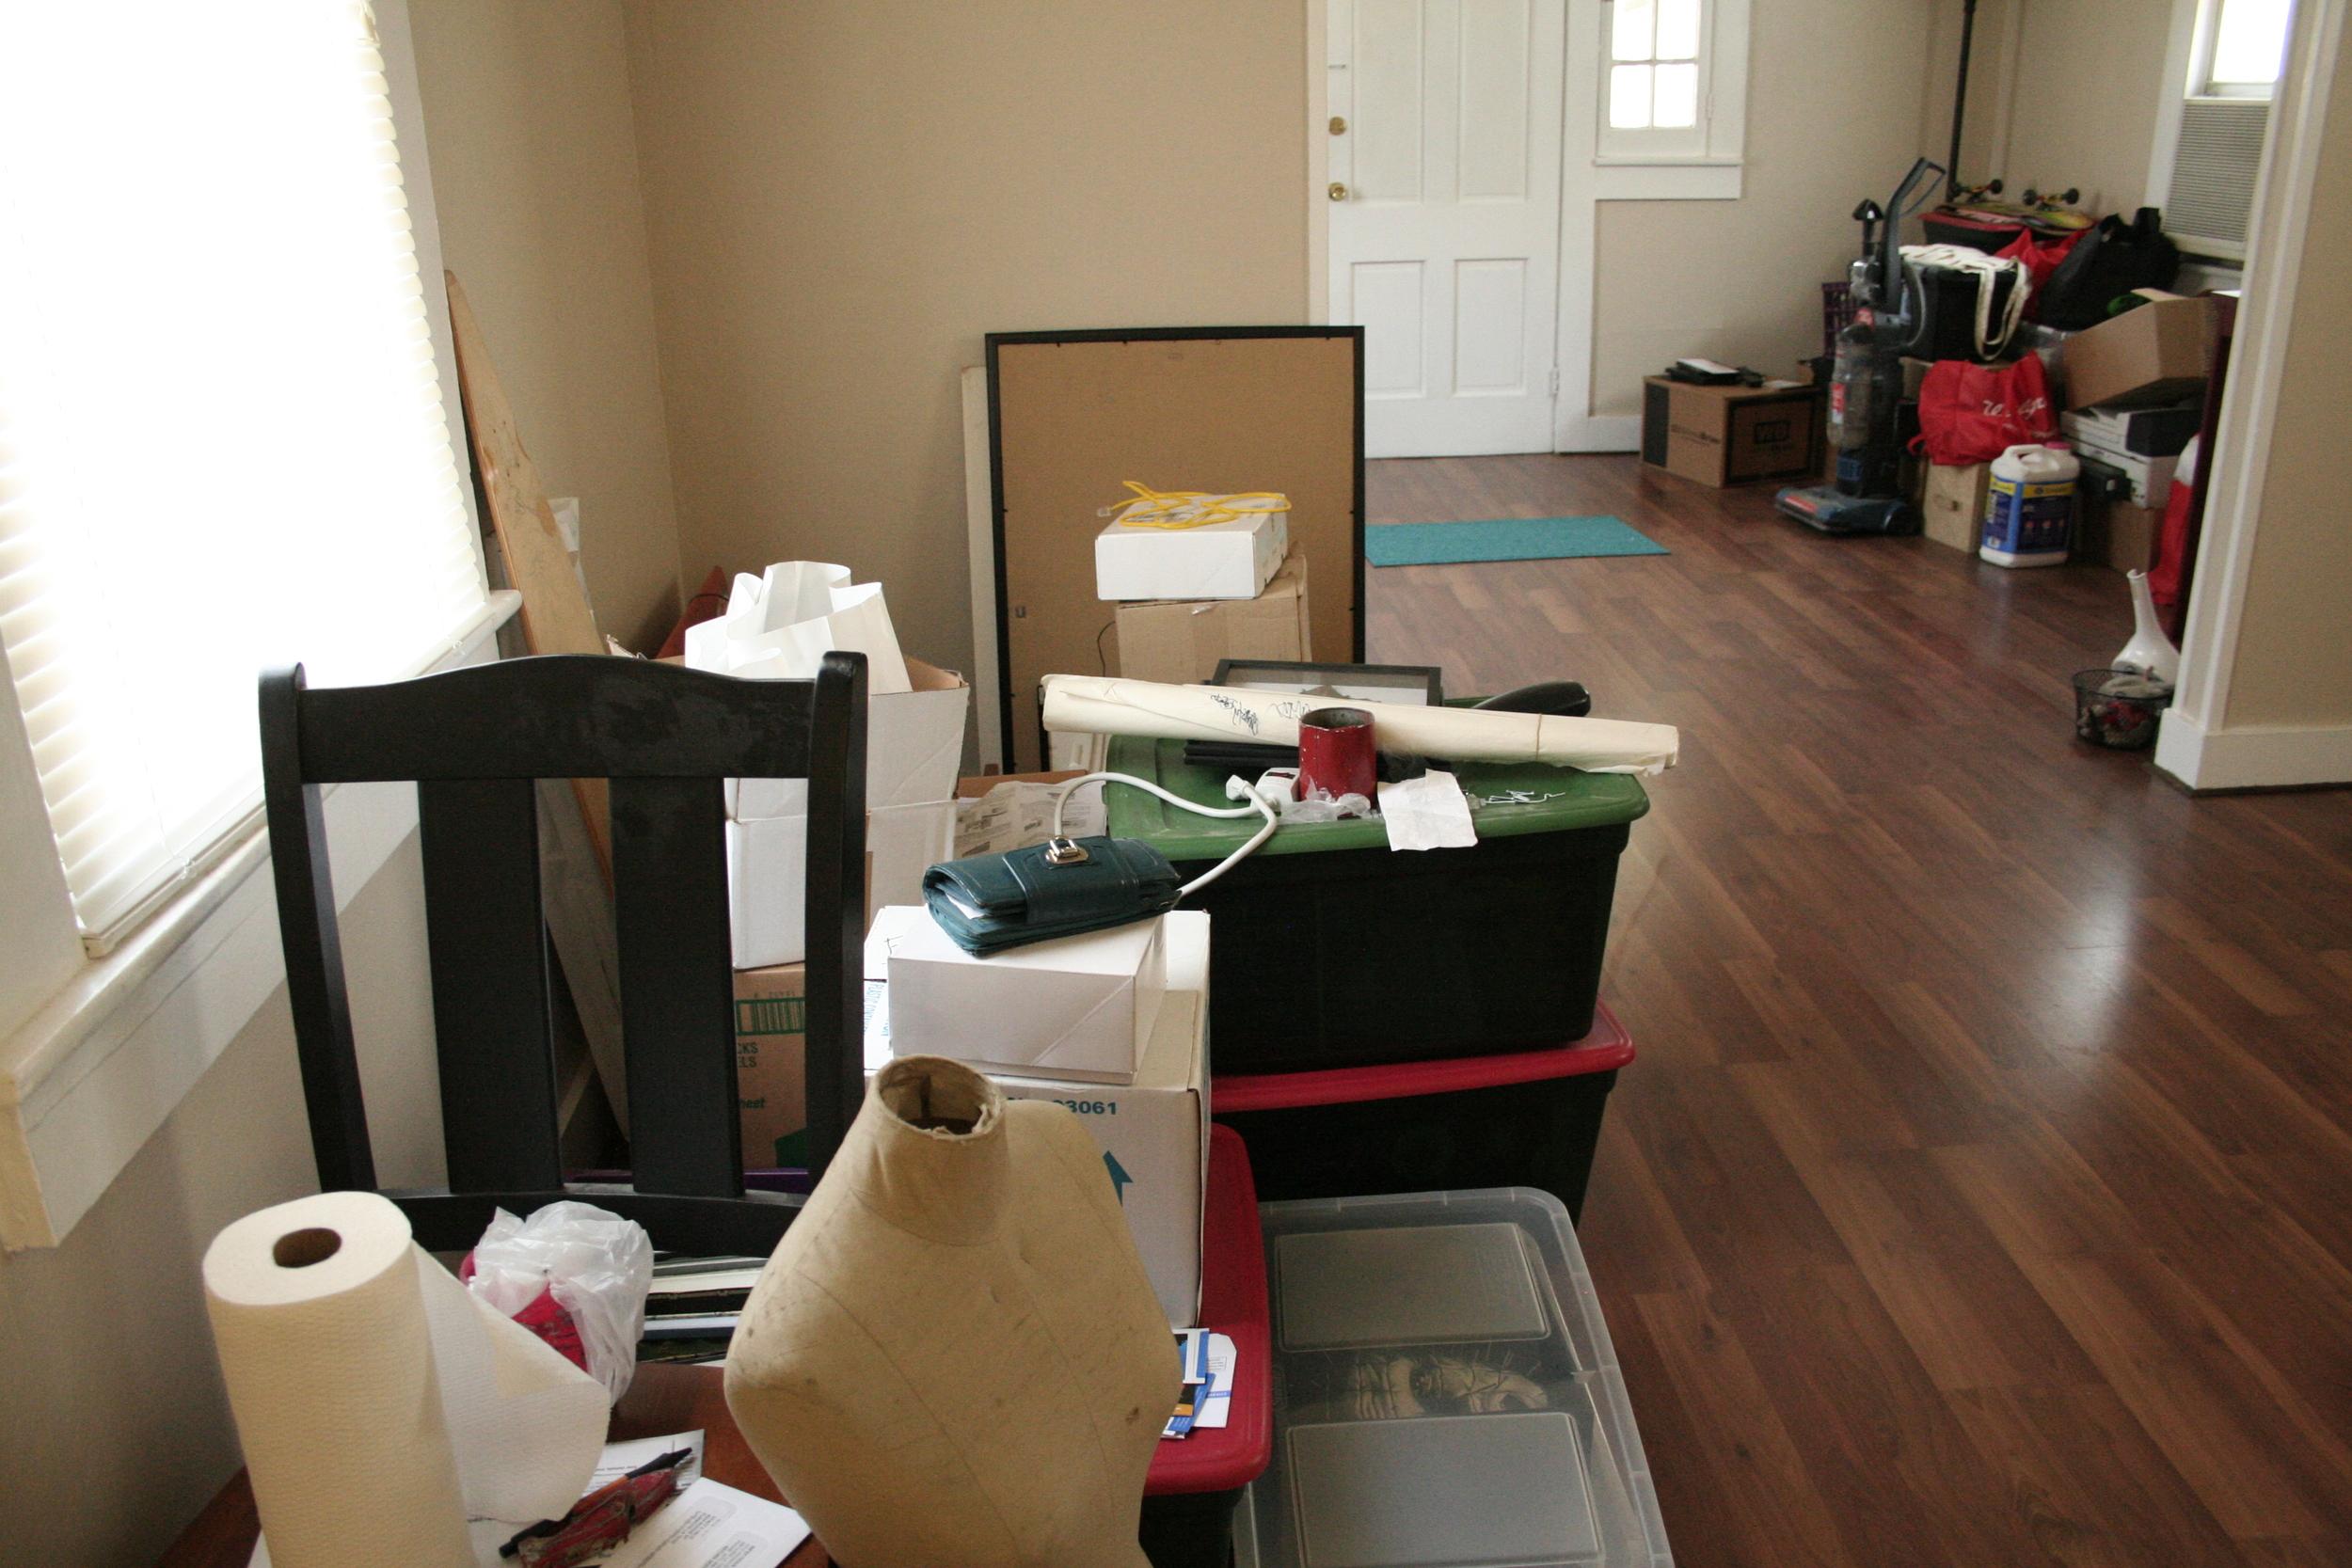 LazyLady-Moving